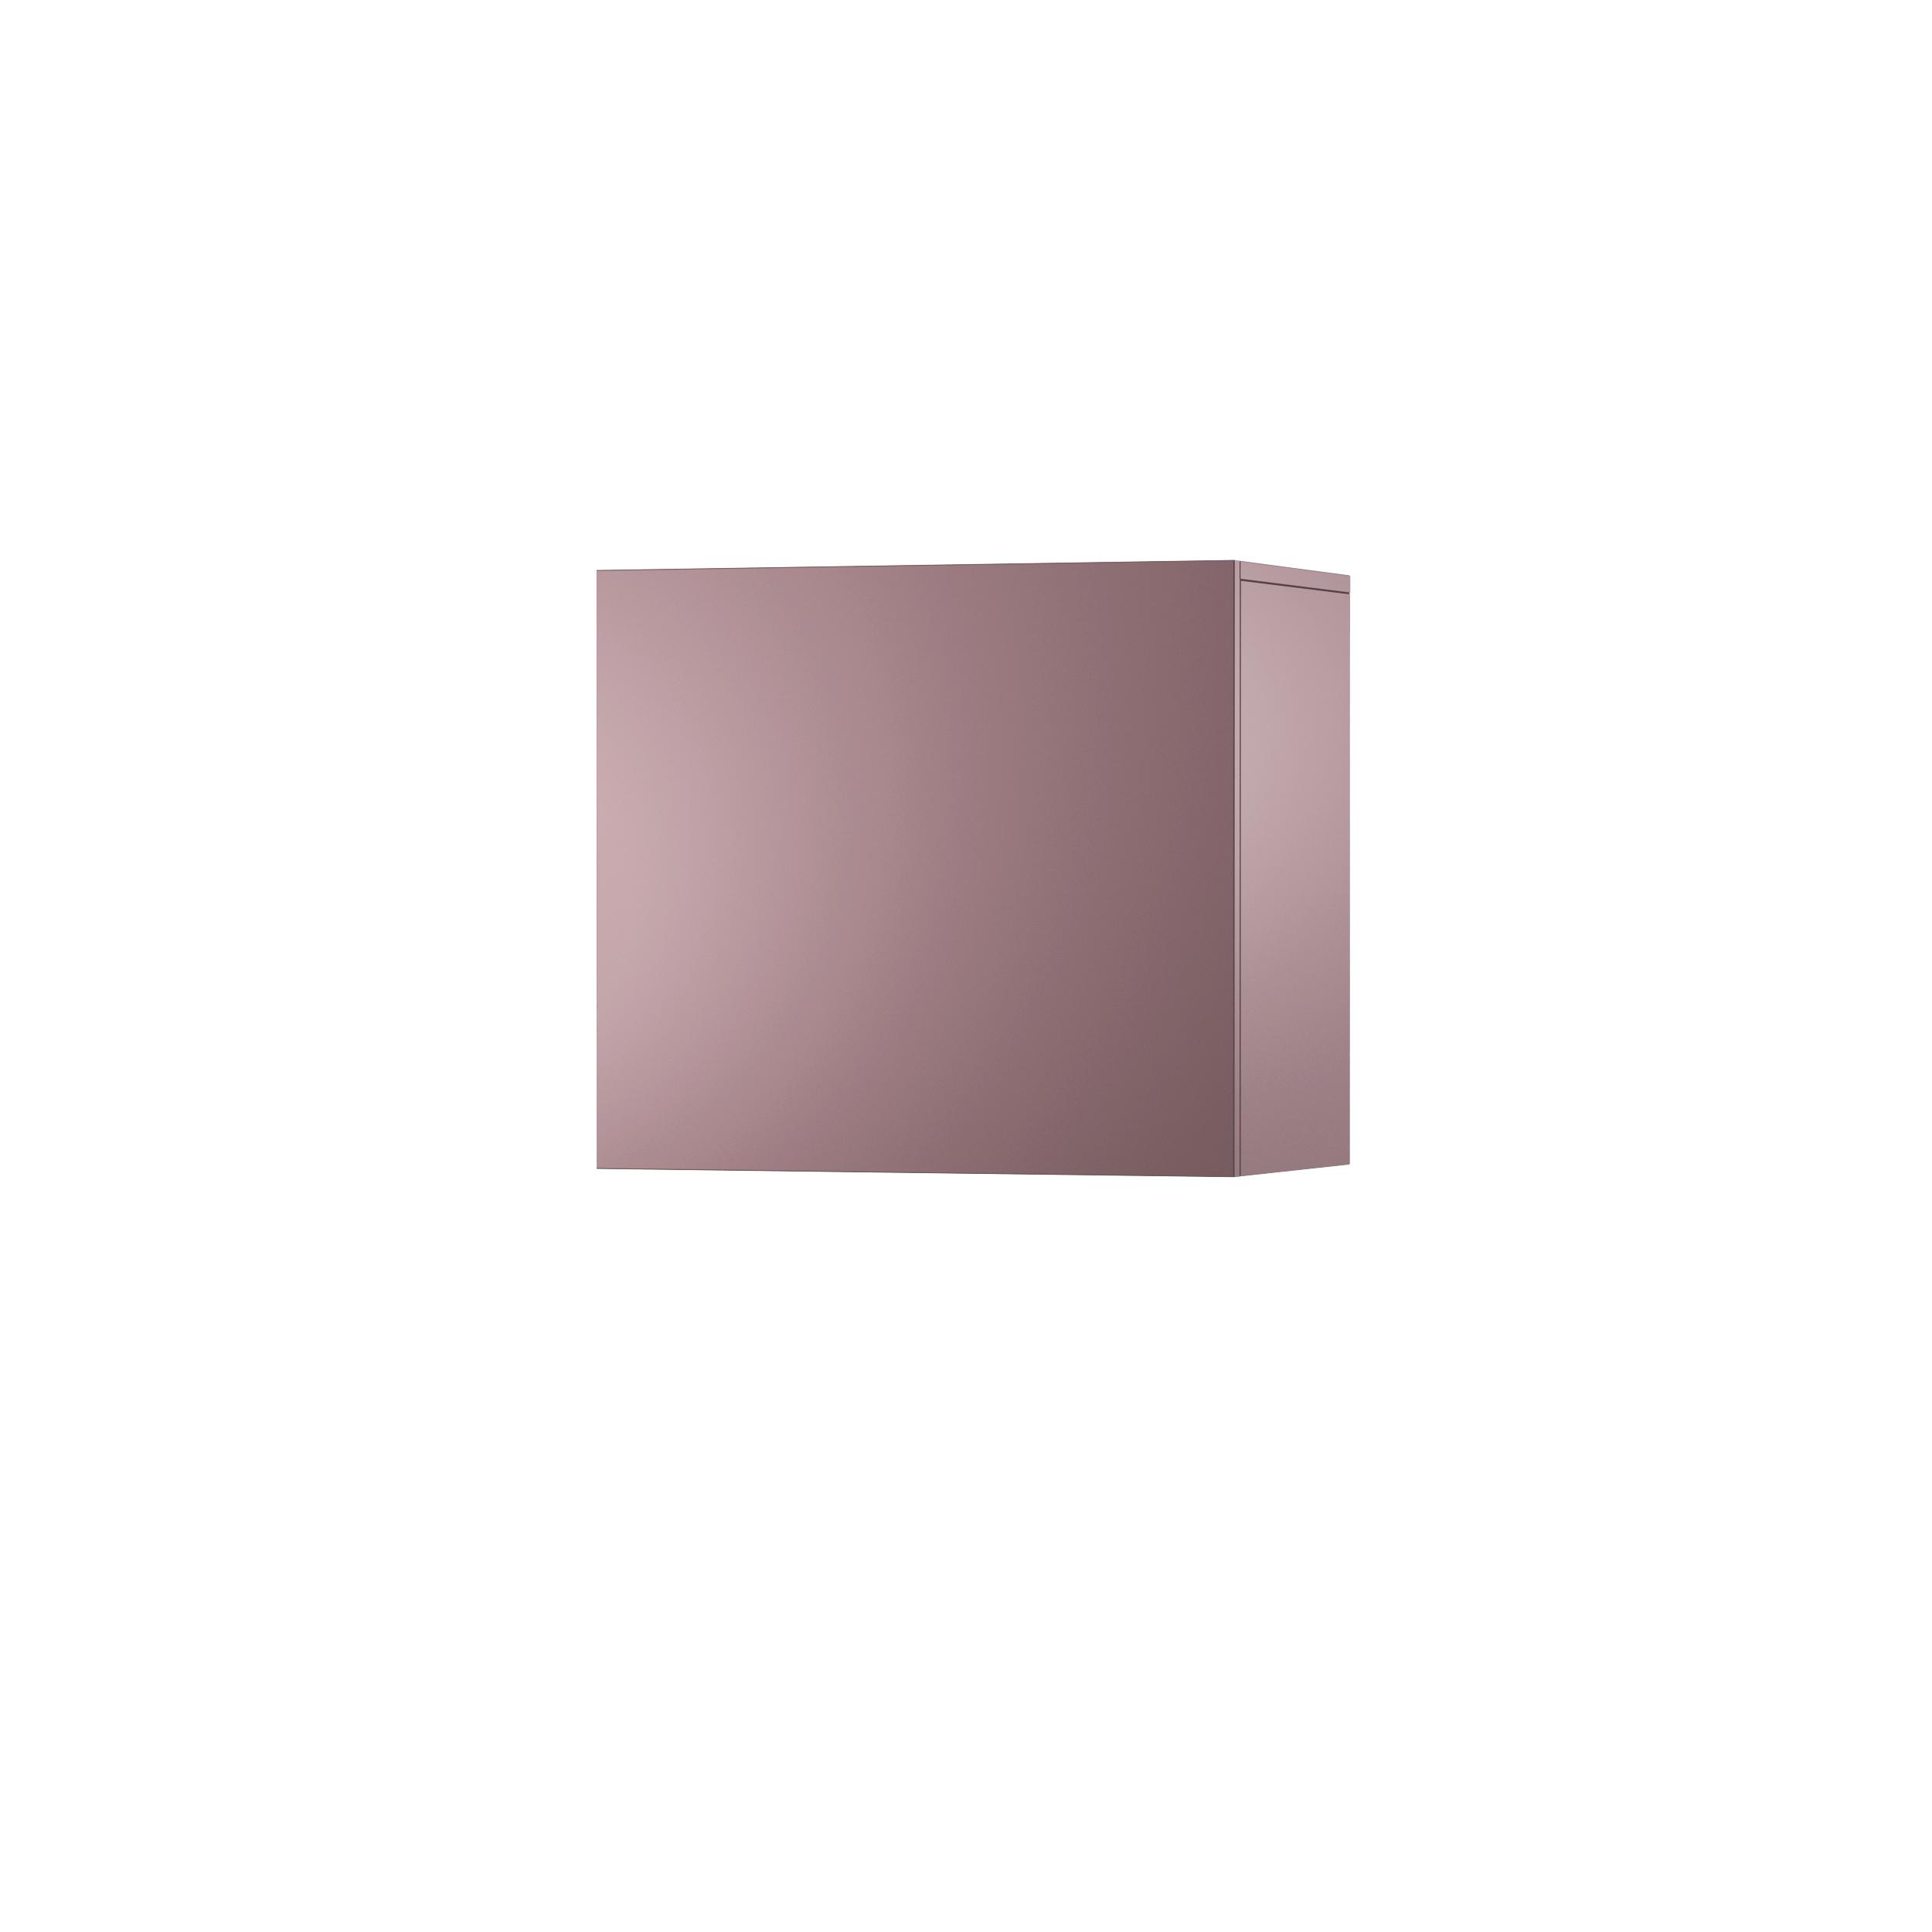 Dulap modular Nook Wide Violet, L65xl37xh58 cm